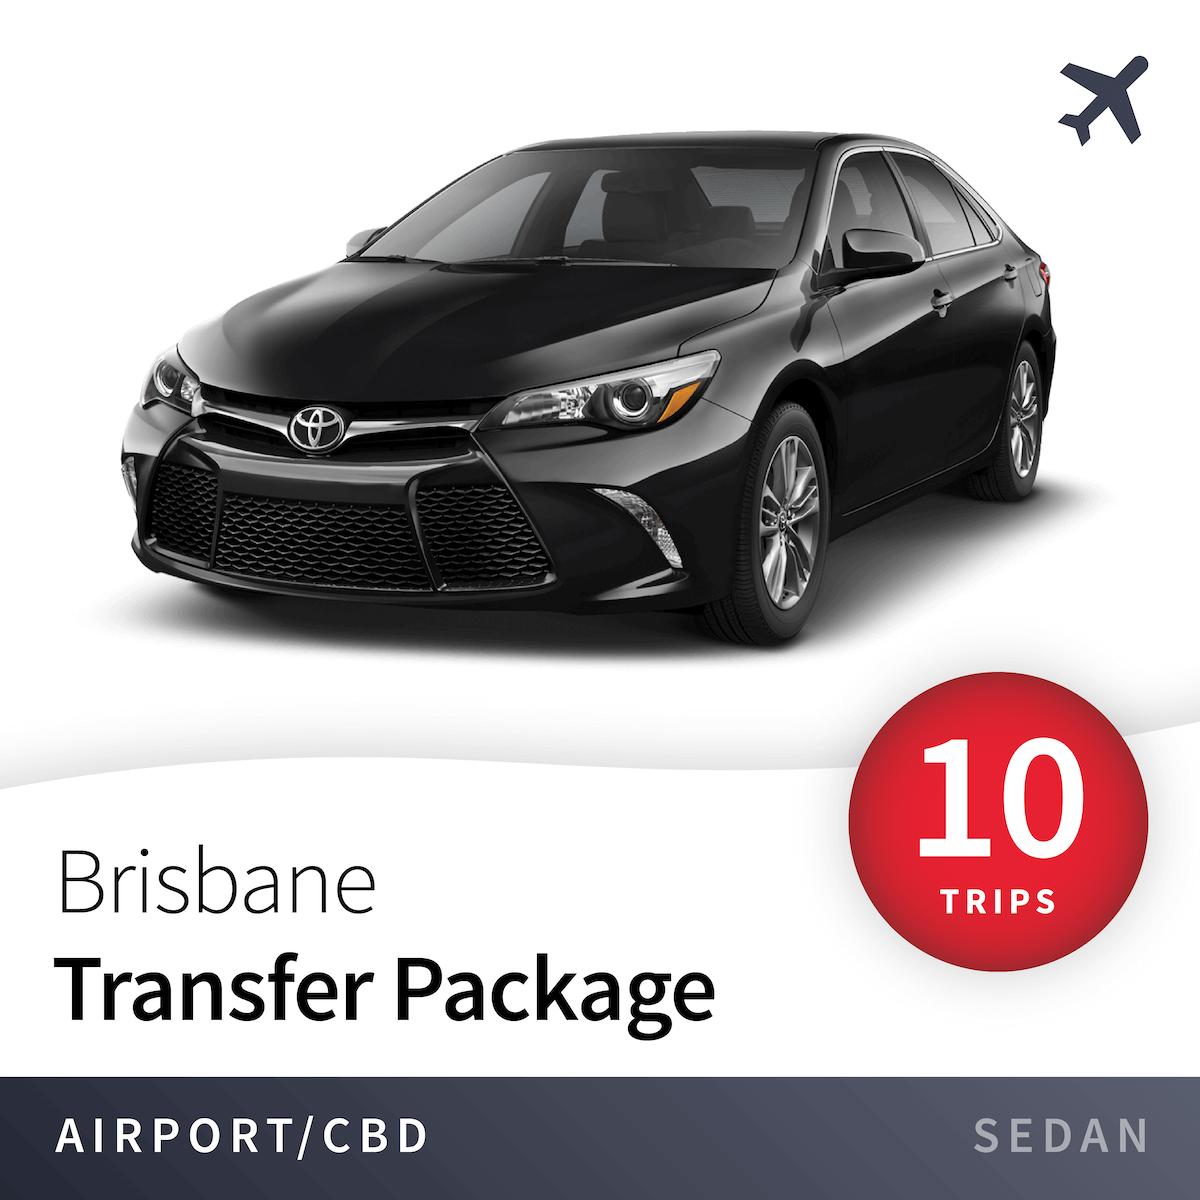 Brisbane Airport Transfer Package - Sedan (10 Trips) 1